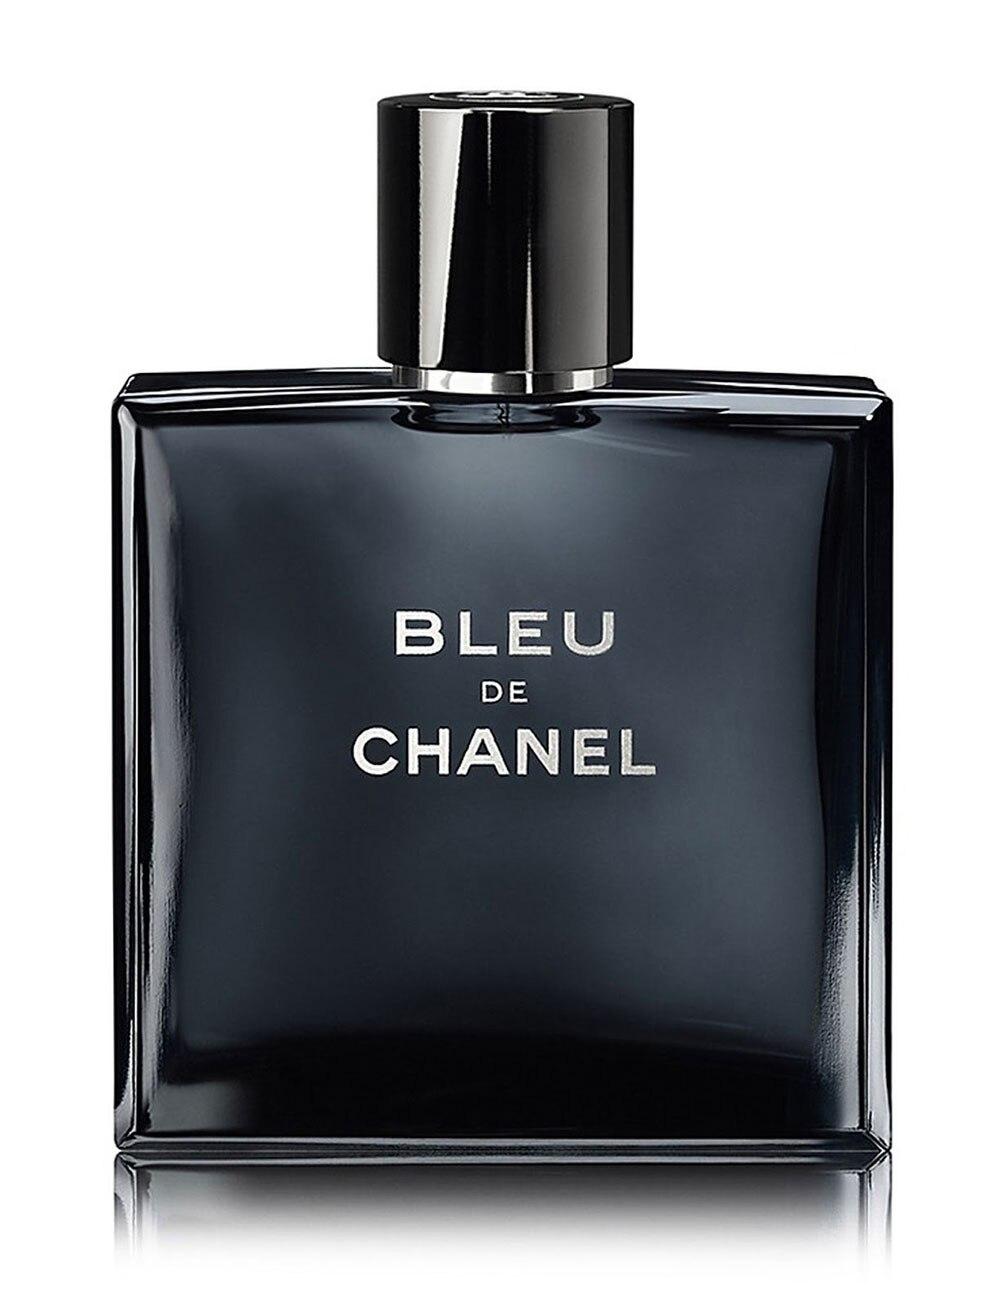 Original Brand Perfume Luxury For Men Long Lasting Spray Bottle Male Parfum Pheromone Men Perfume Glass Bottle